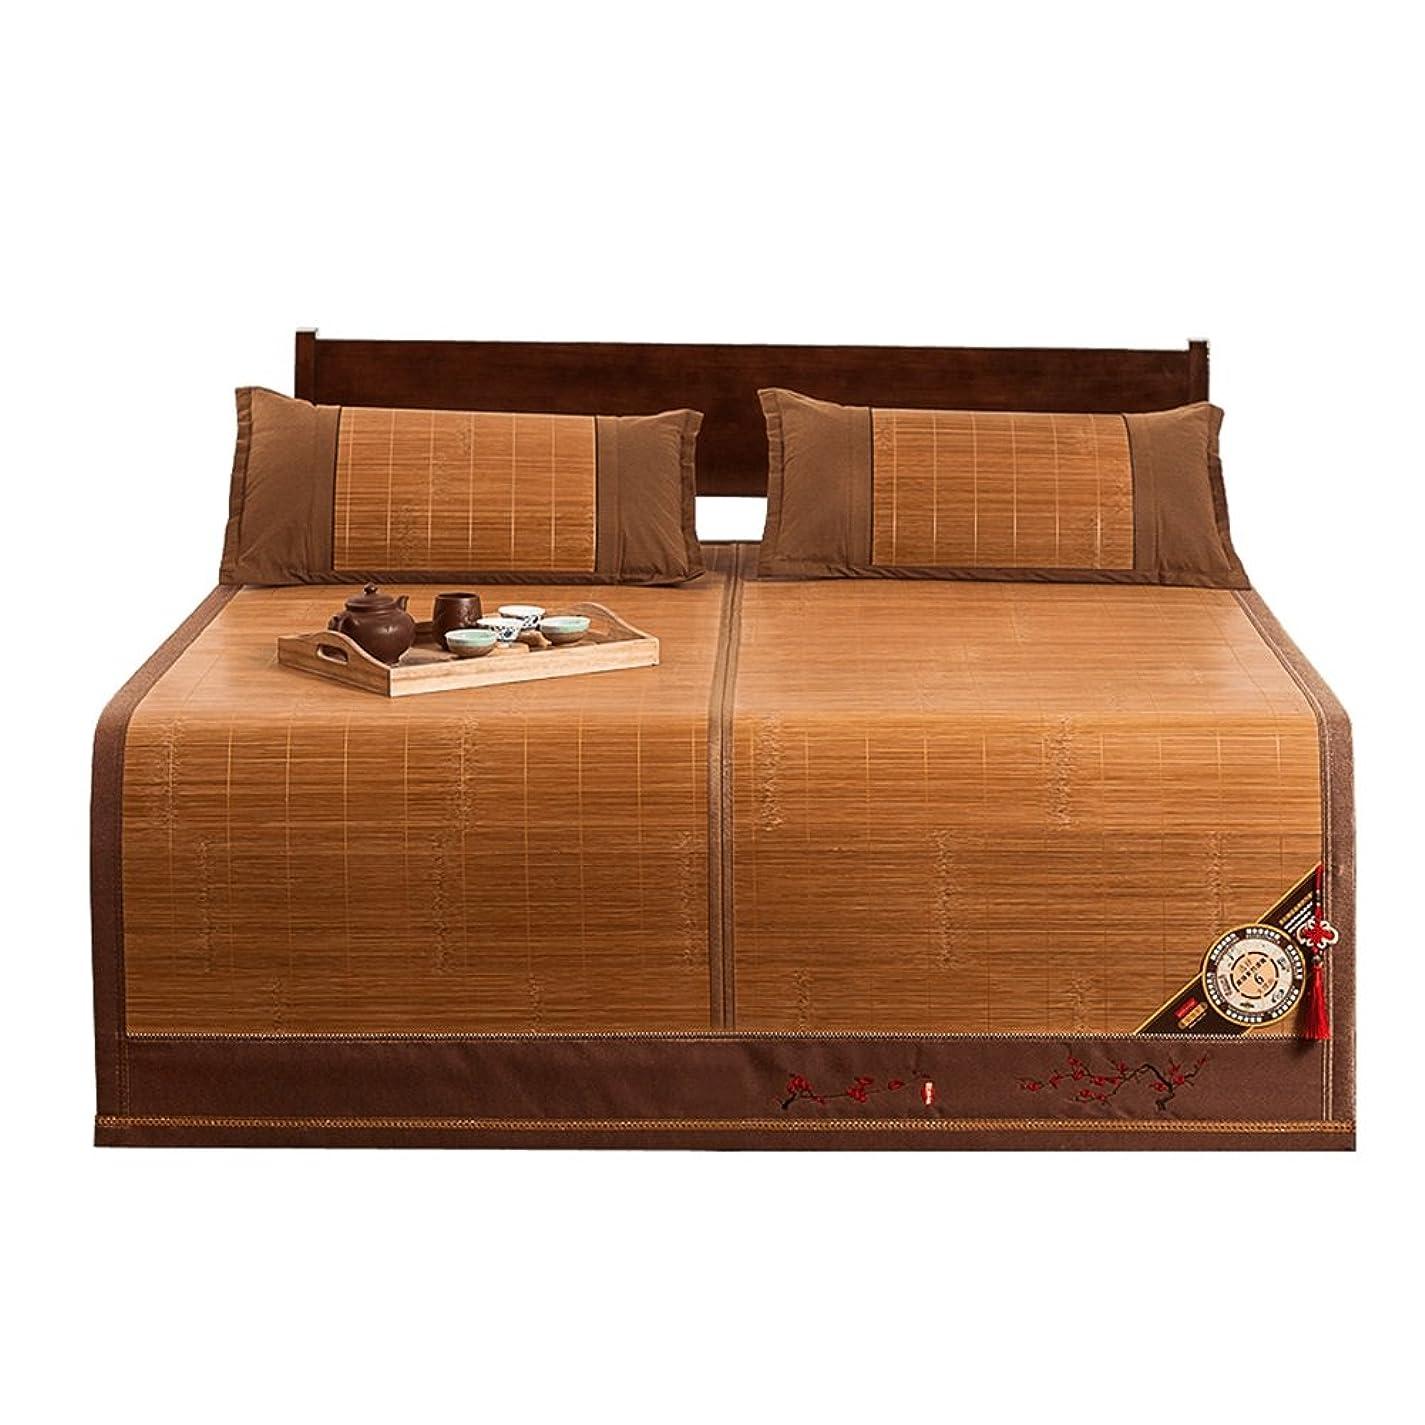 ピルトランスミッションまたLITT クールマットレス、寝具ストローマット寝袋マットベッドマット折りたたみ式両面肌触り快適、1.5 / 1.8m 竹クールマットレス (Size : 1.5×1.95m)